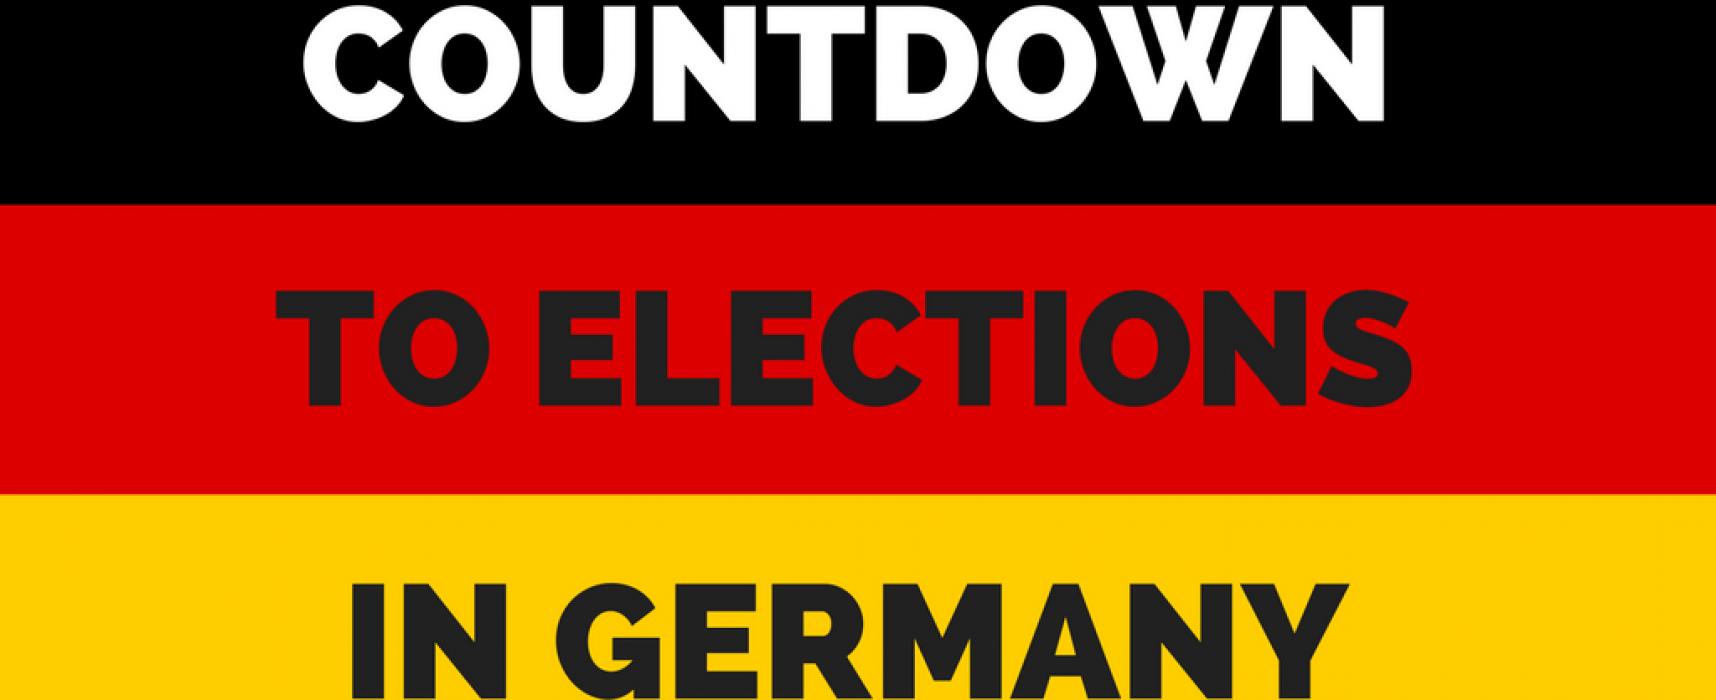 Pro-russische Desinformationskampagnen in Deutschland: Abwesend oder doch vorhanden?